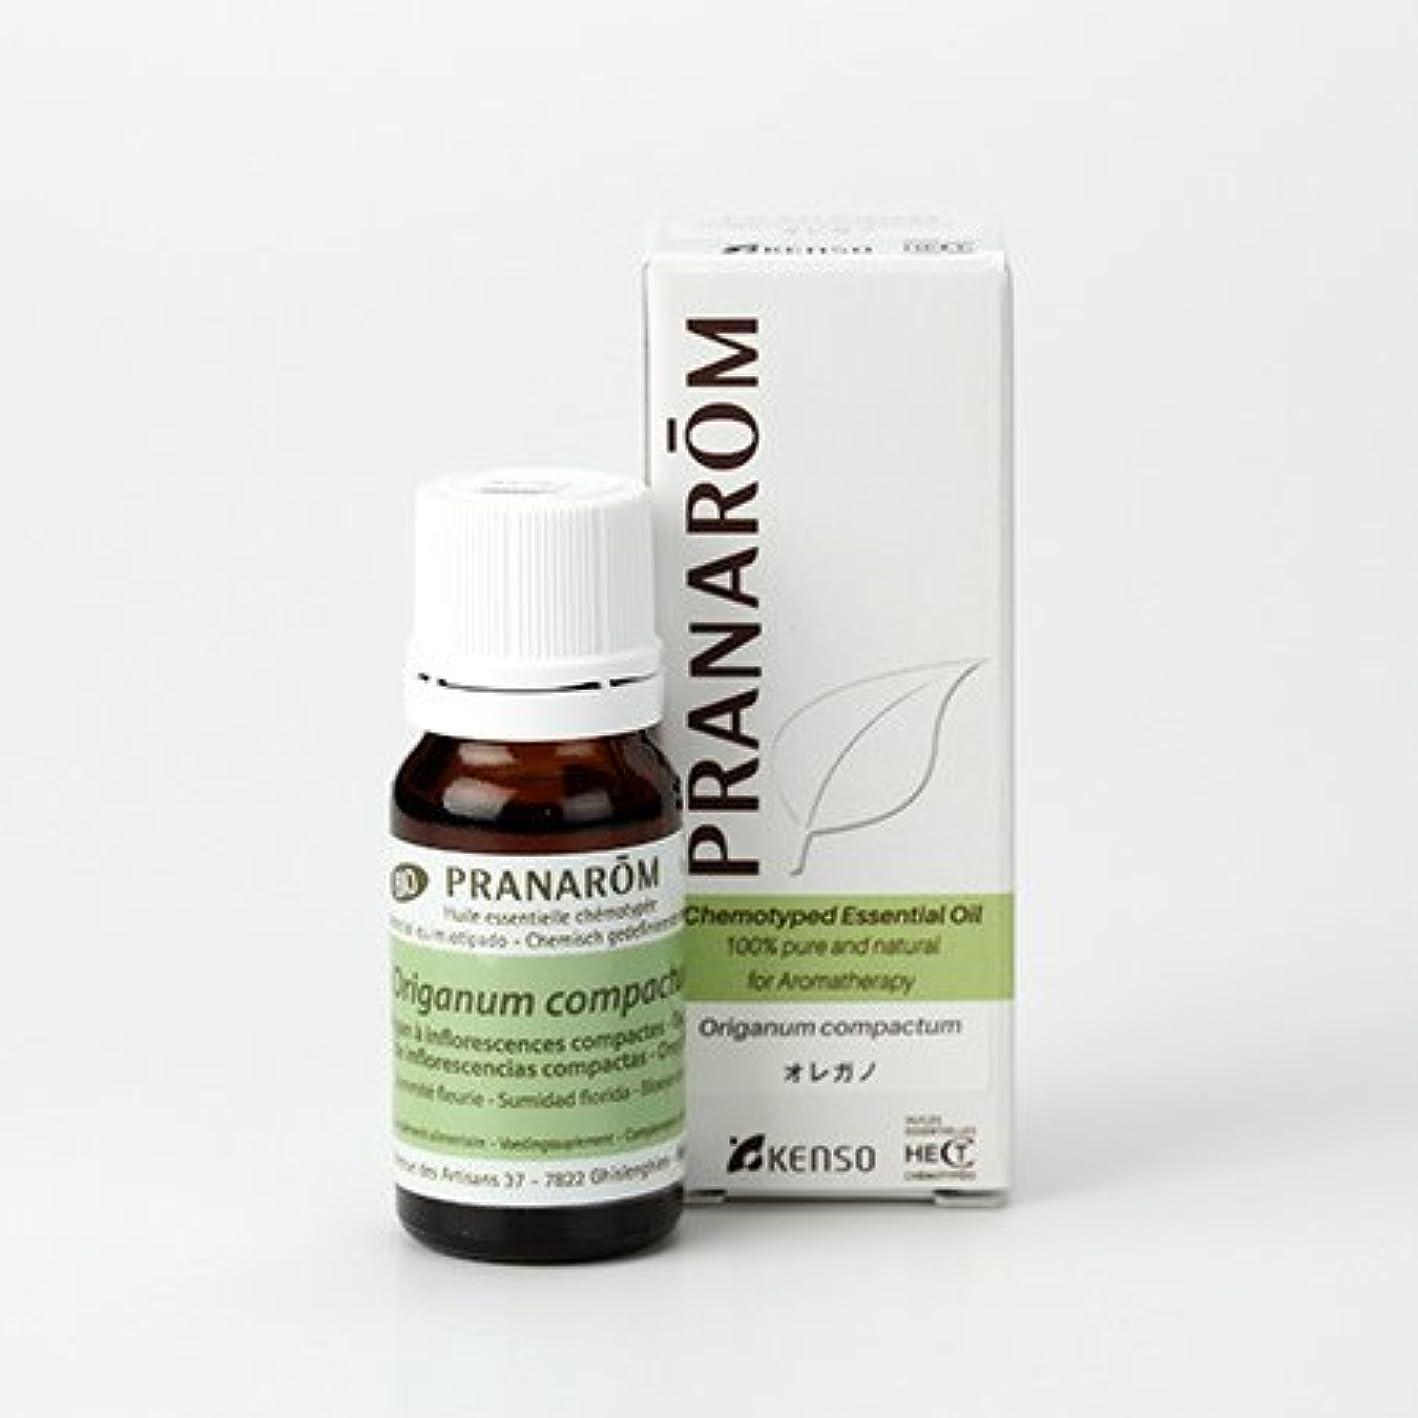 開業医警告するウガンダプラナロム オレガノ 10ml (PRANAROM ケモタイプ精油)